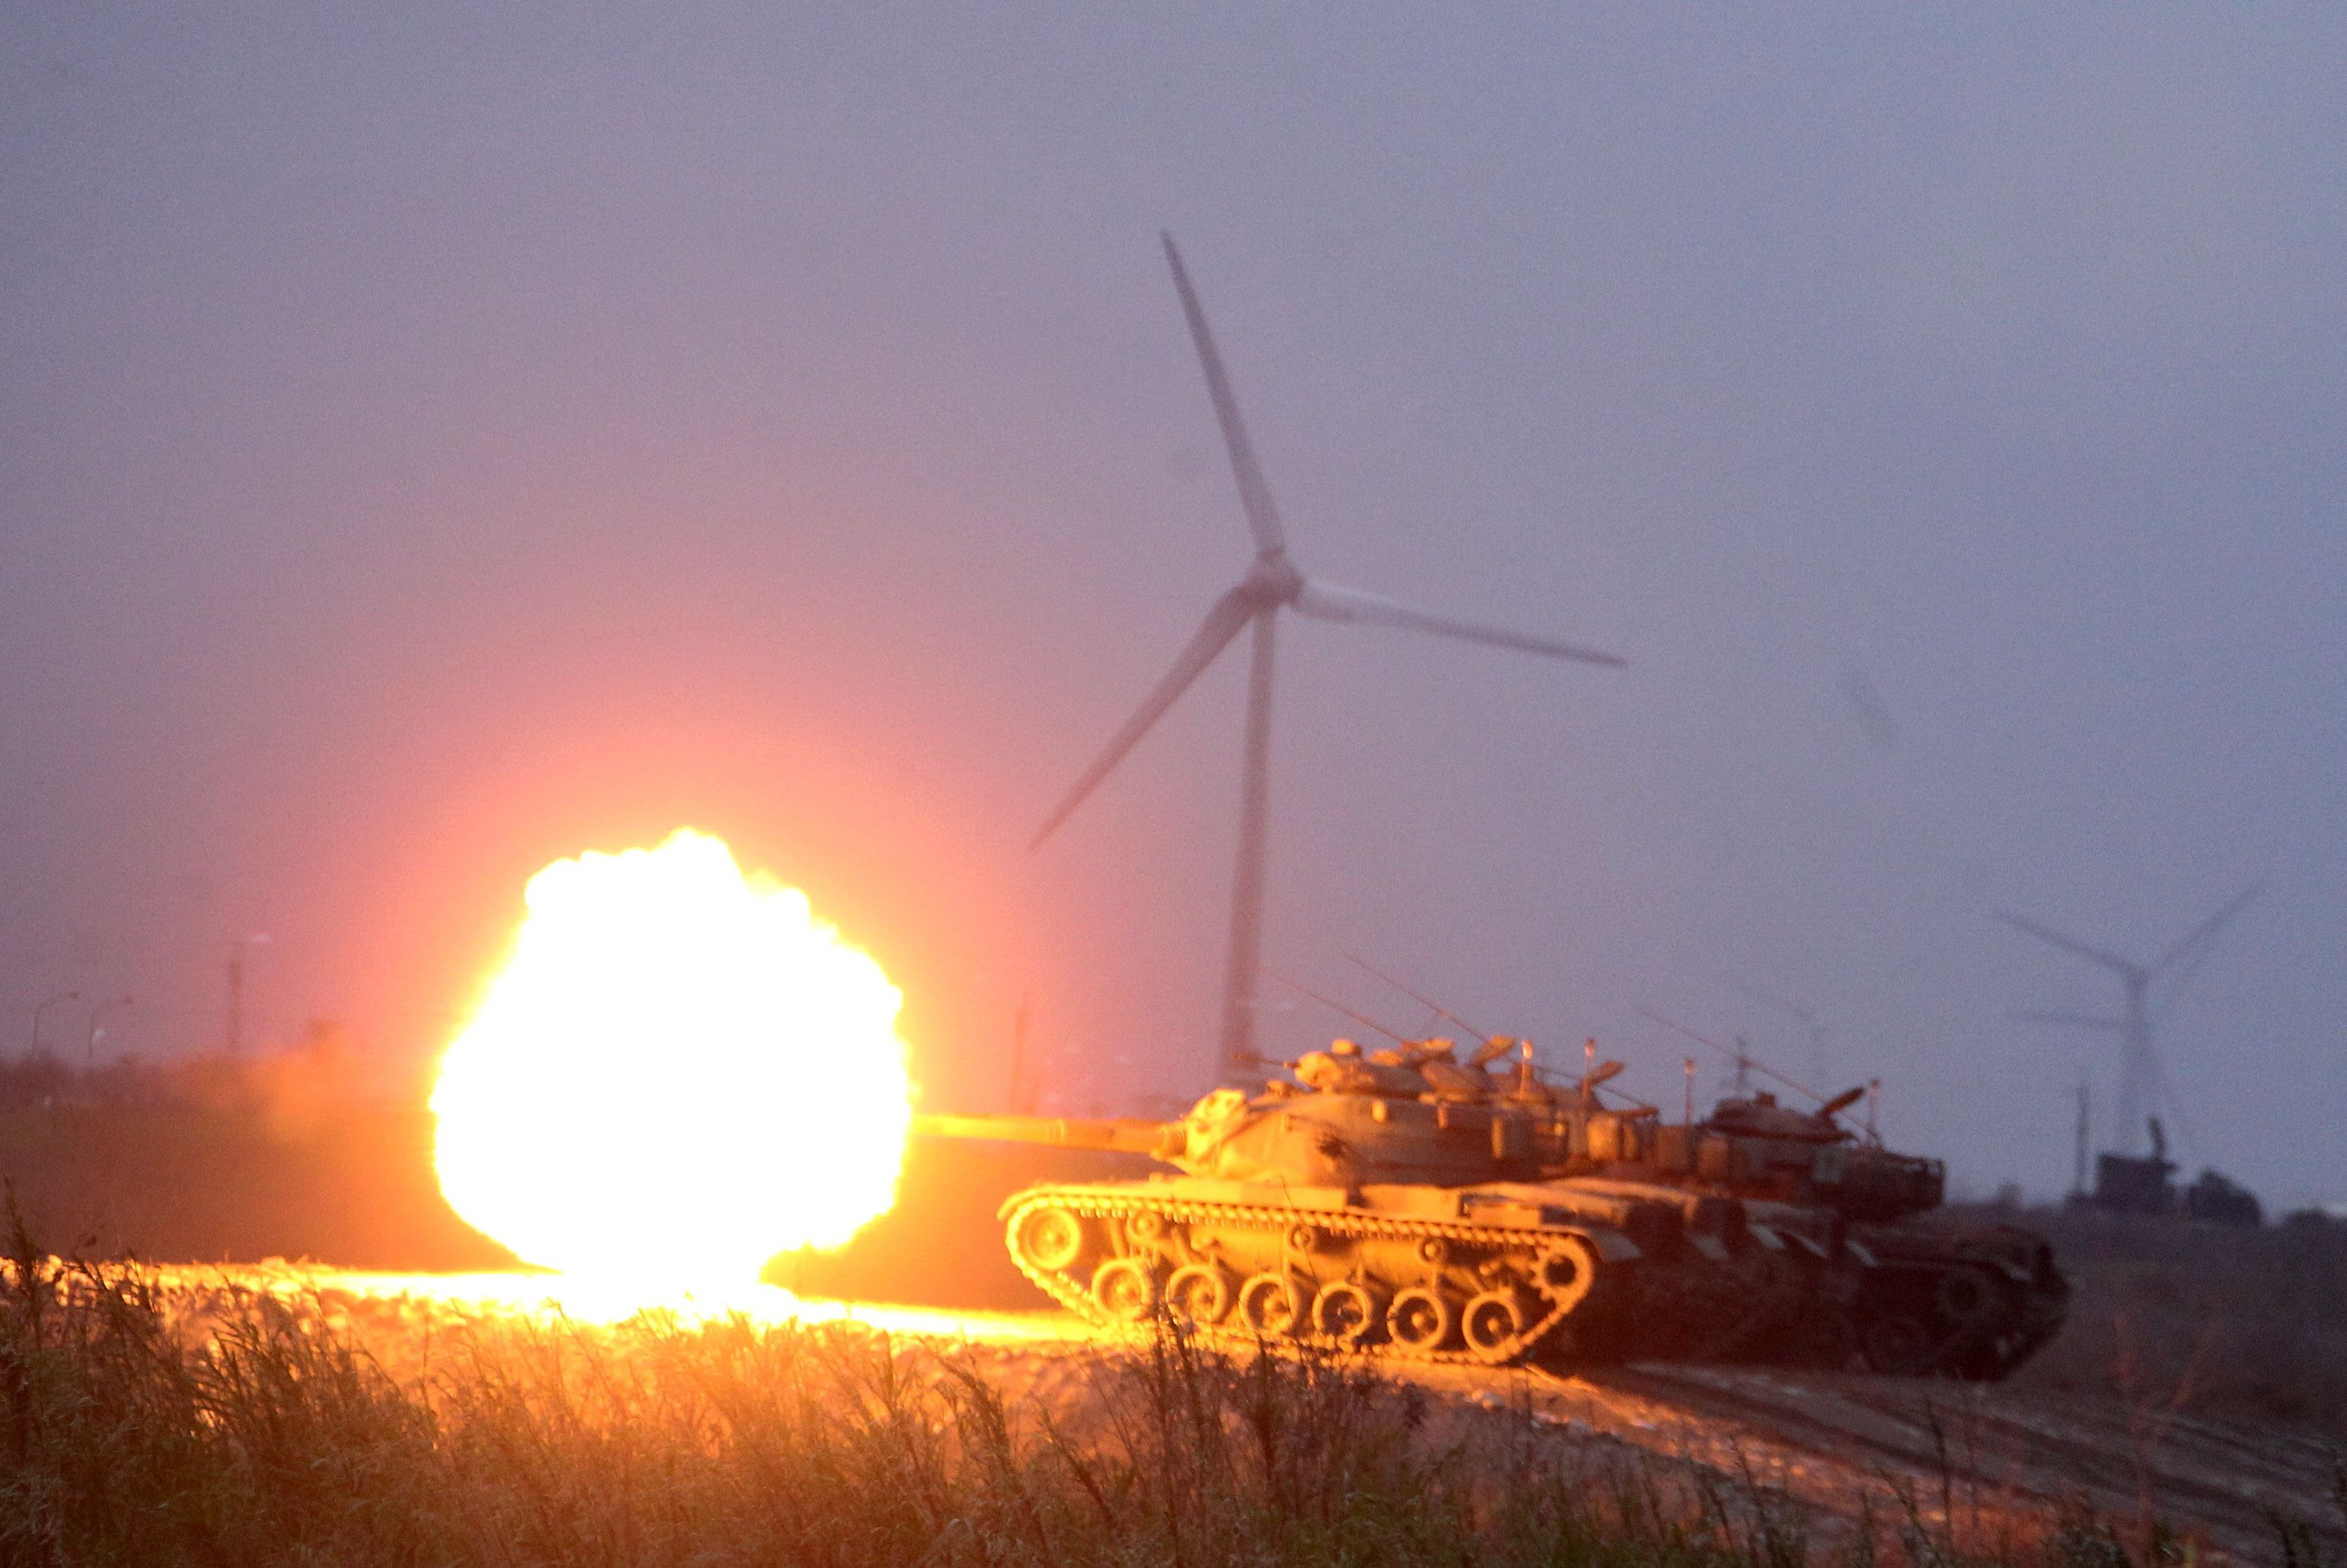 M60A3戰車實施火砲射擊。(記者邱榮吉/台中拍攝)